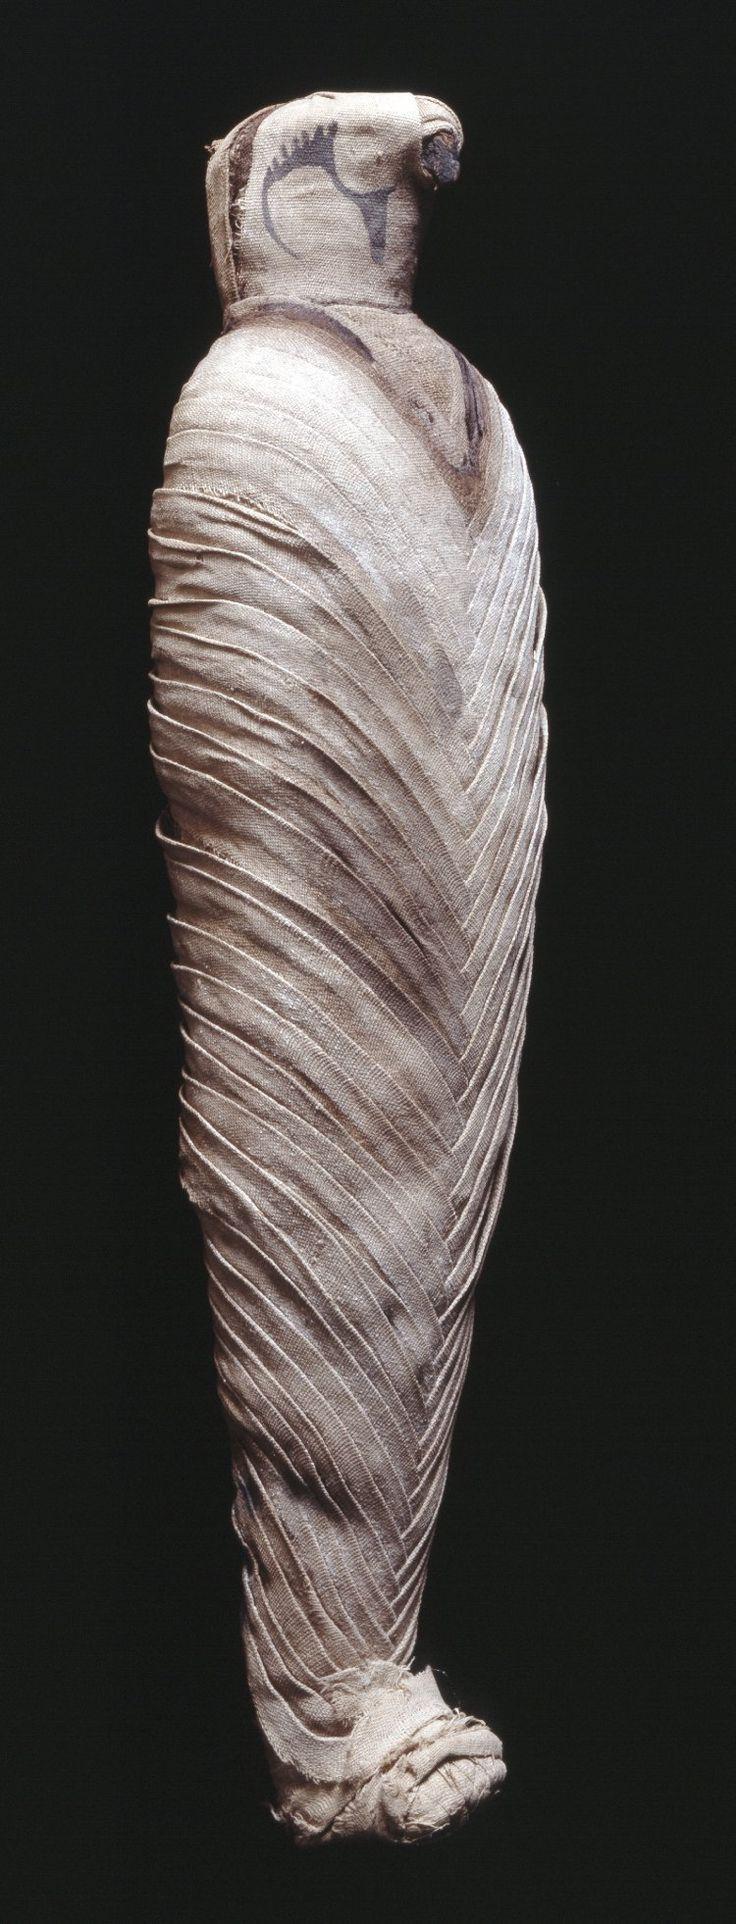 Mummy of a hawk,wrapped in narrow bandages of fine linen arranged in a herring-bone pattern. EGYPT www.realegypt.com